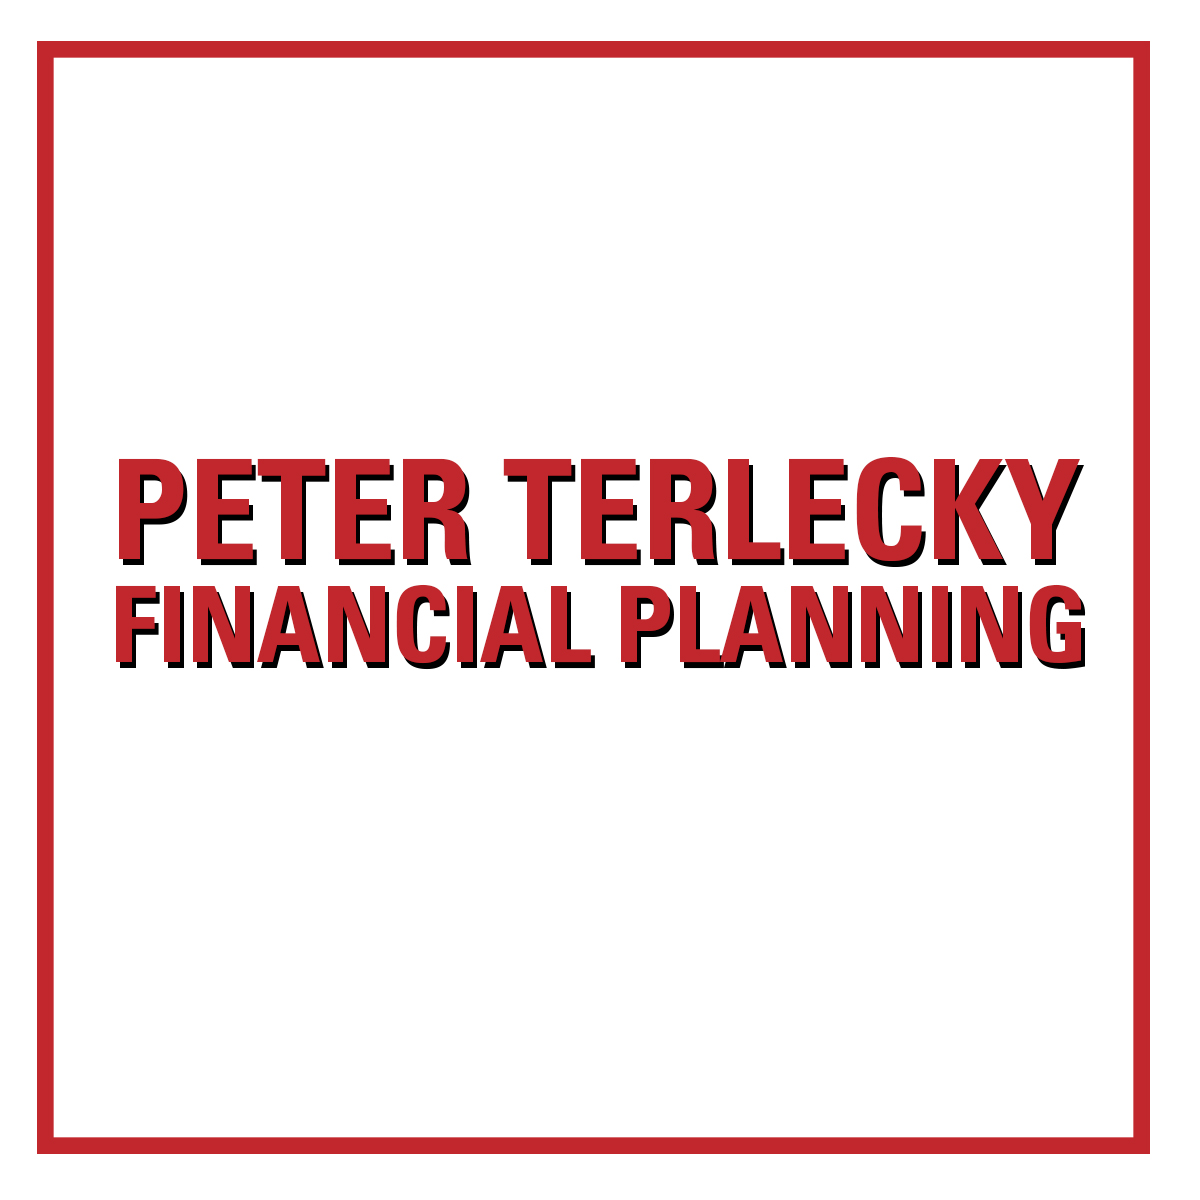 Peter Terlecky Financial Planning